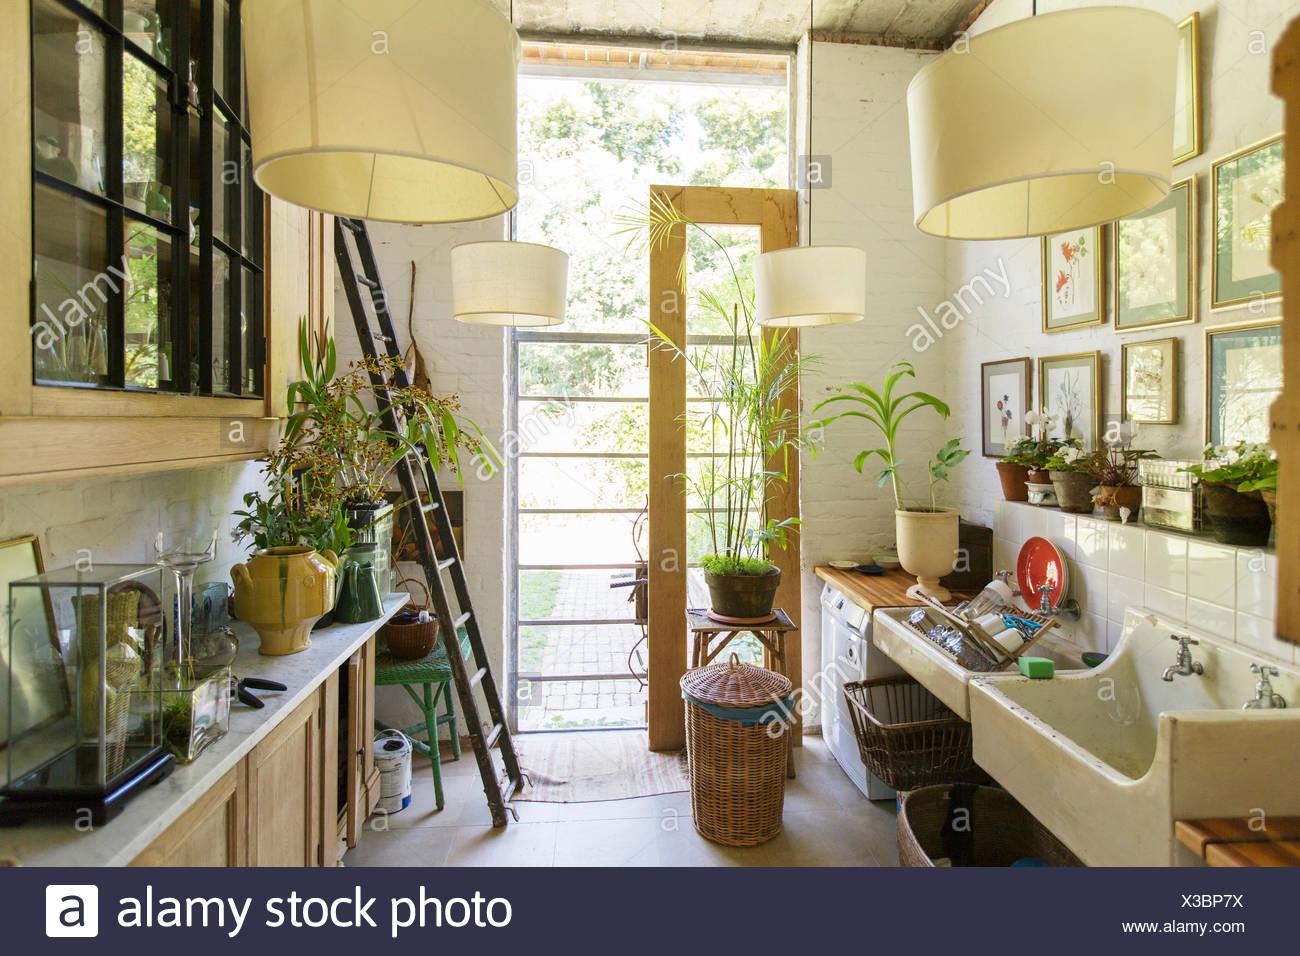 Glass door in rustic kitchen - Stock Image